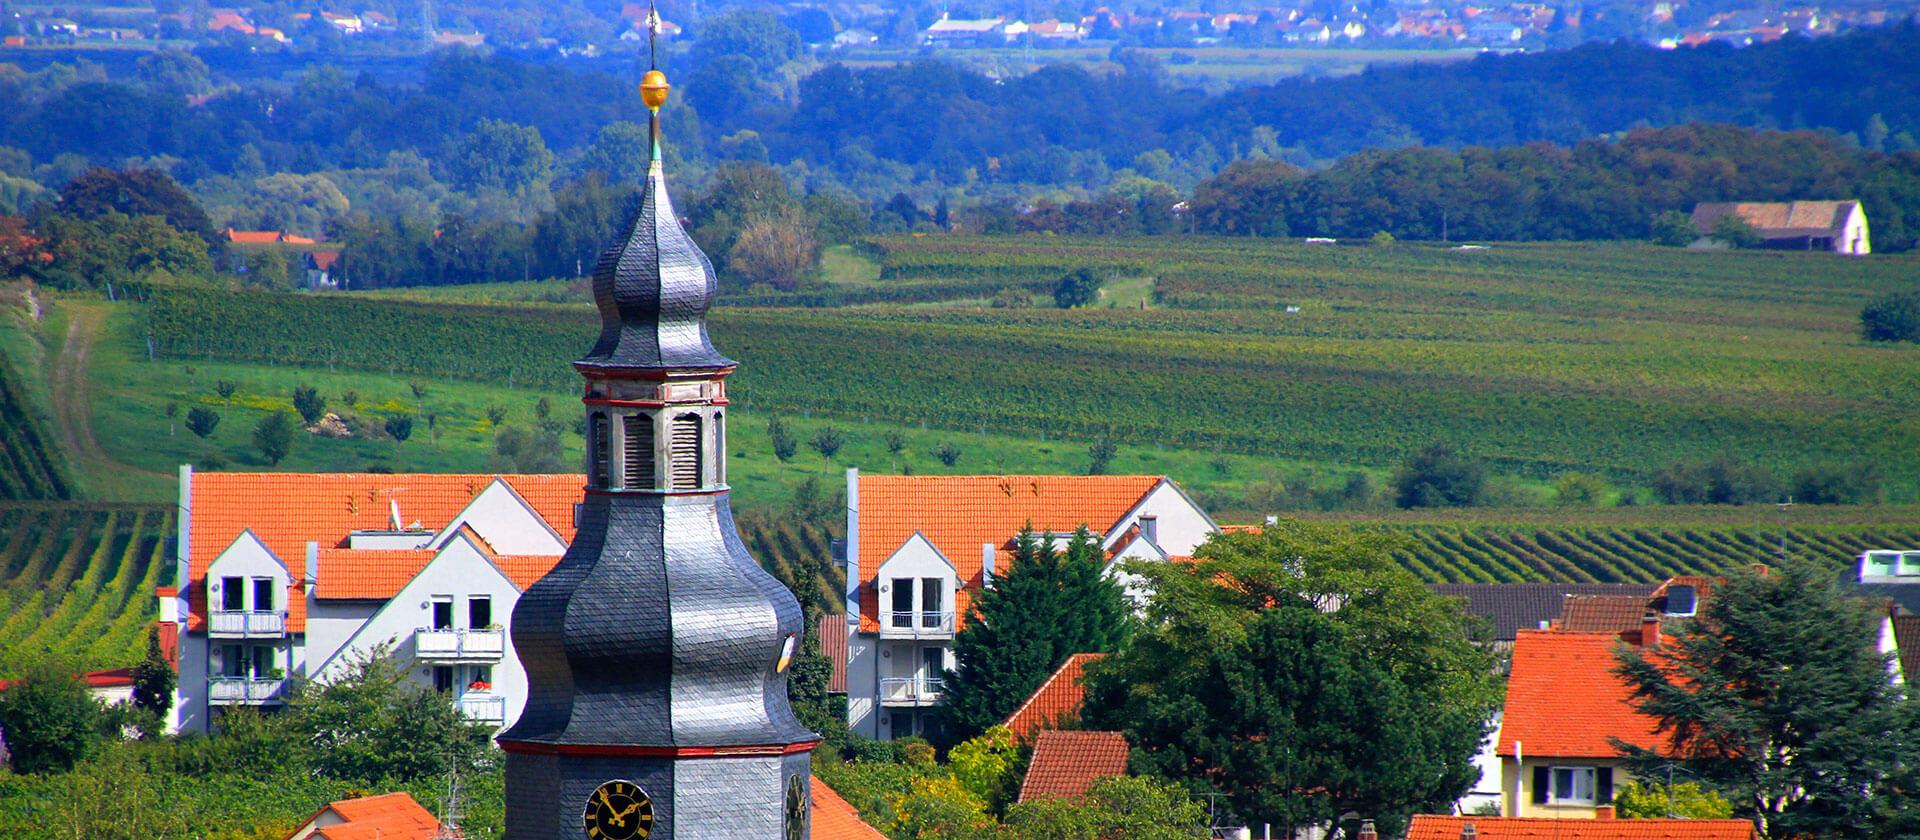 Weinberge in Kallstadt an der Weinstraße